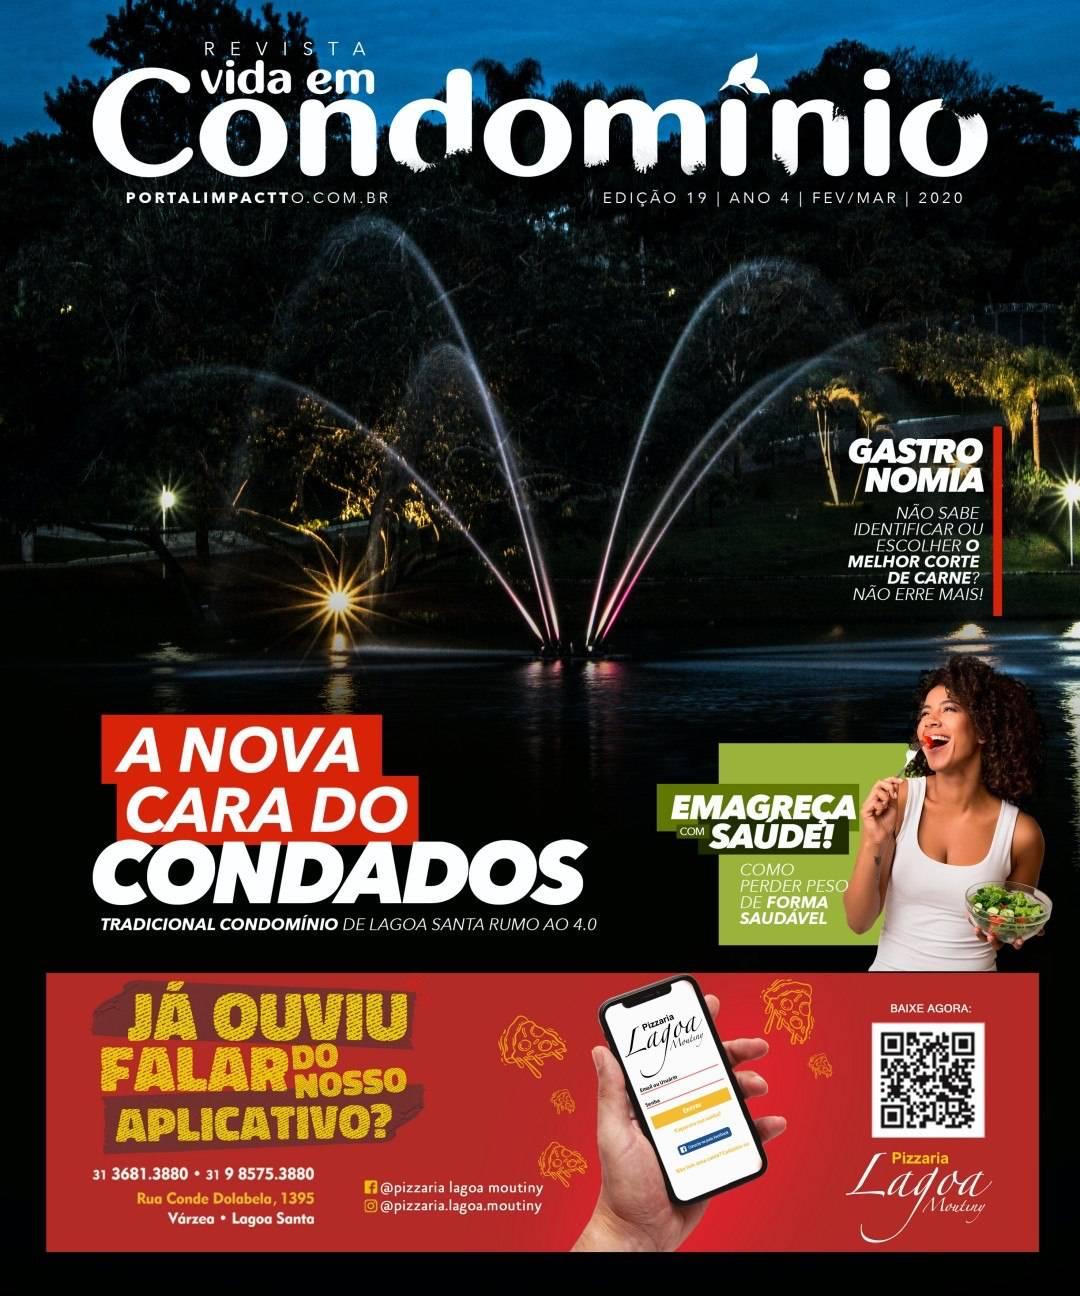 Revista Vida em Condomínio - Edição 19